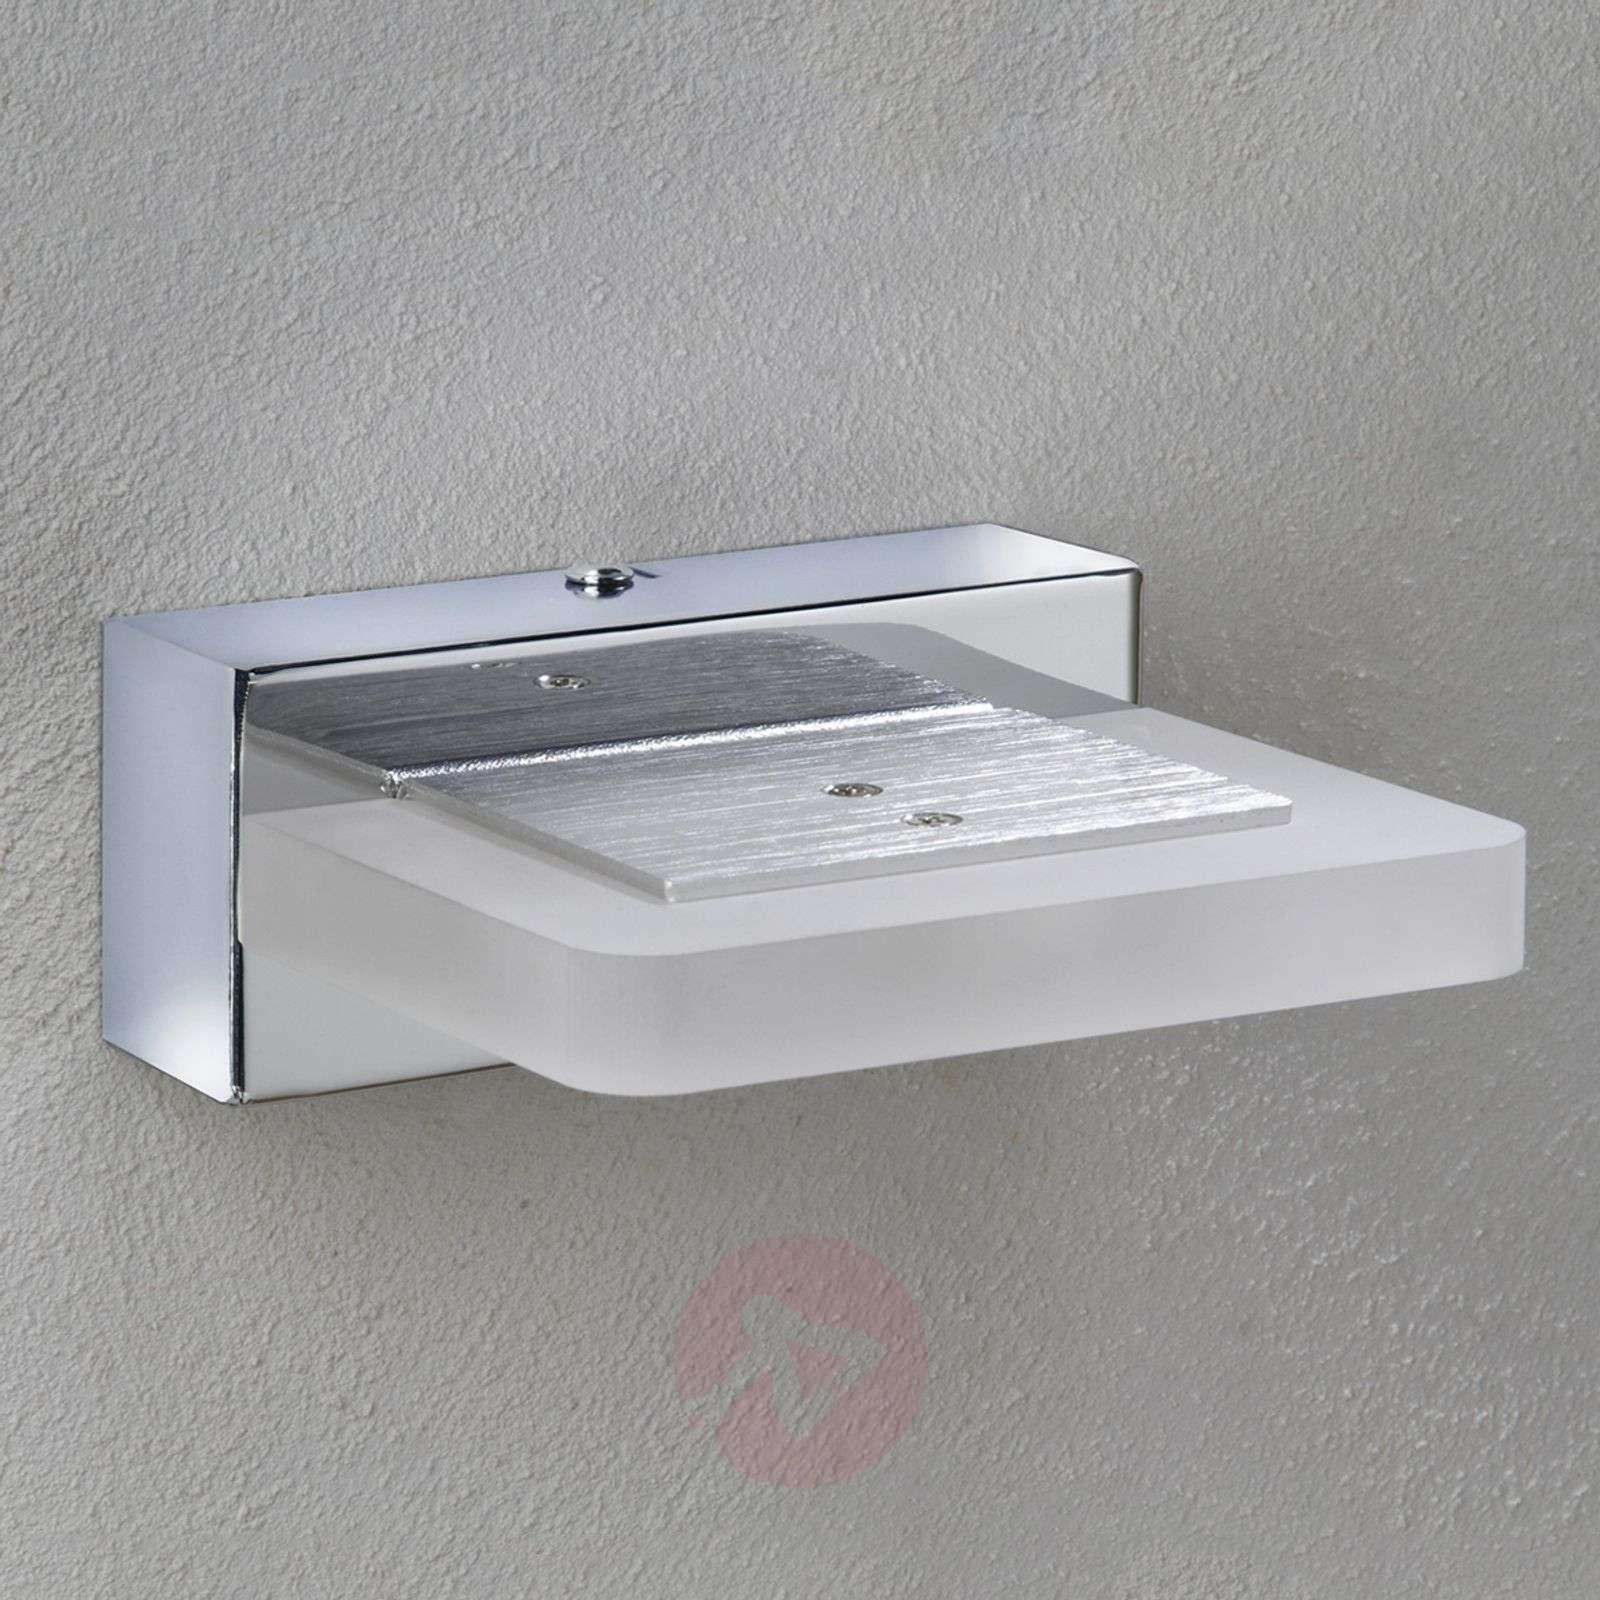 Angular Tian LED wall light-9994046-01